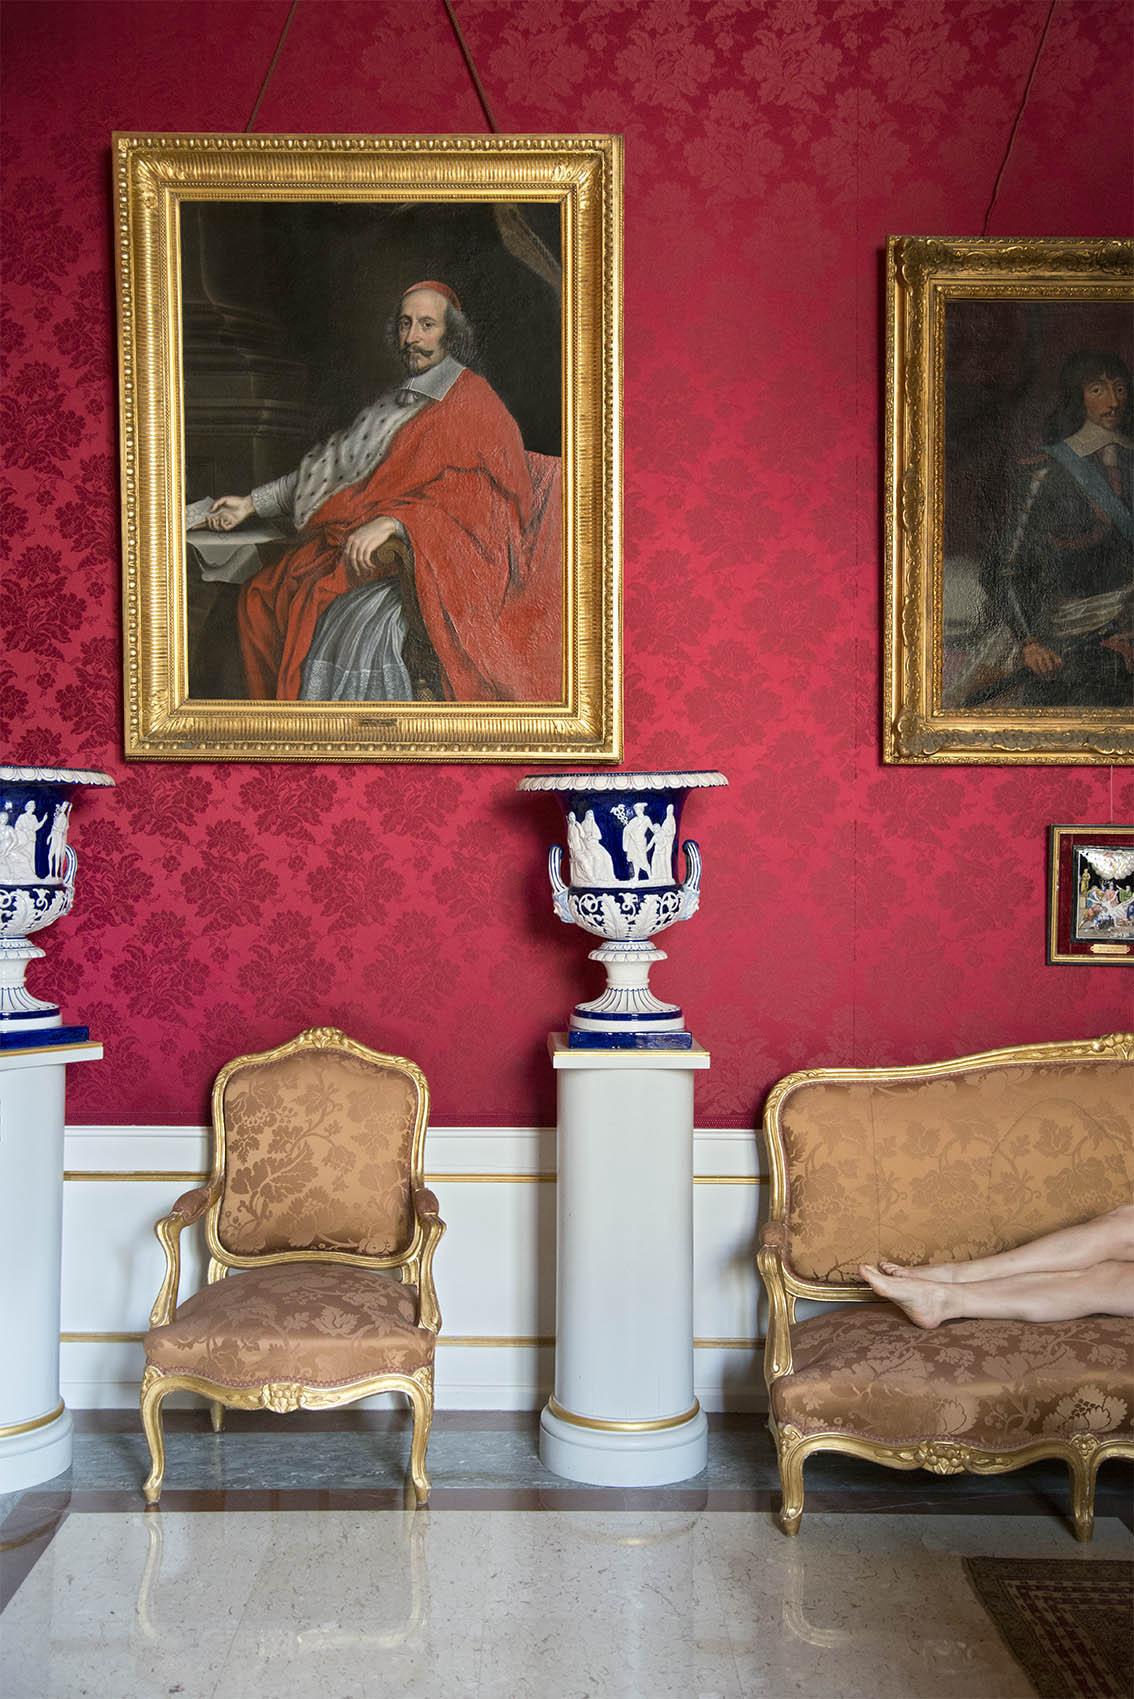 Portrait du Cardinal Mazarin par Nicolas Mignard (1606-1668), vase forme Médicis en faïence décoré en relief blanc sur fond bleu, Carole, fauteuil de salon en bois doré mat et brillant, style Louis XV d'époque Napoléon III. Palais Princier de Monaco. 2018